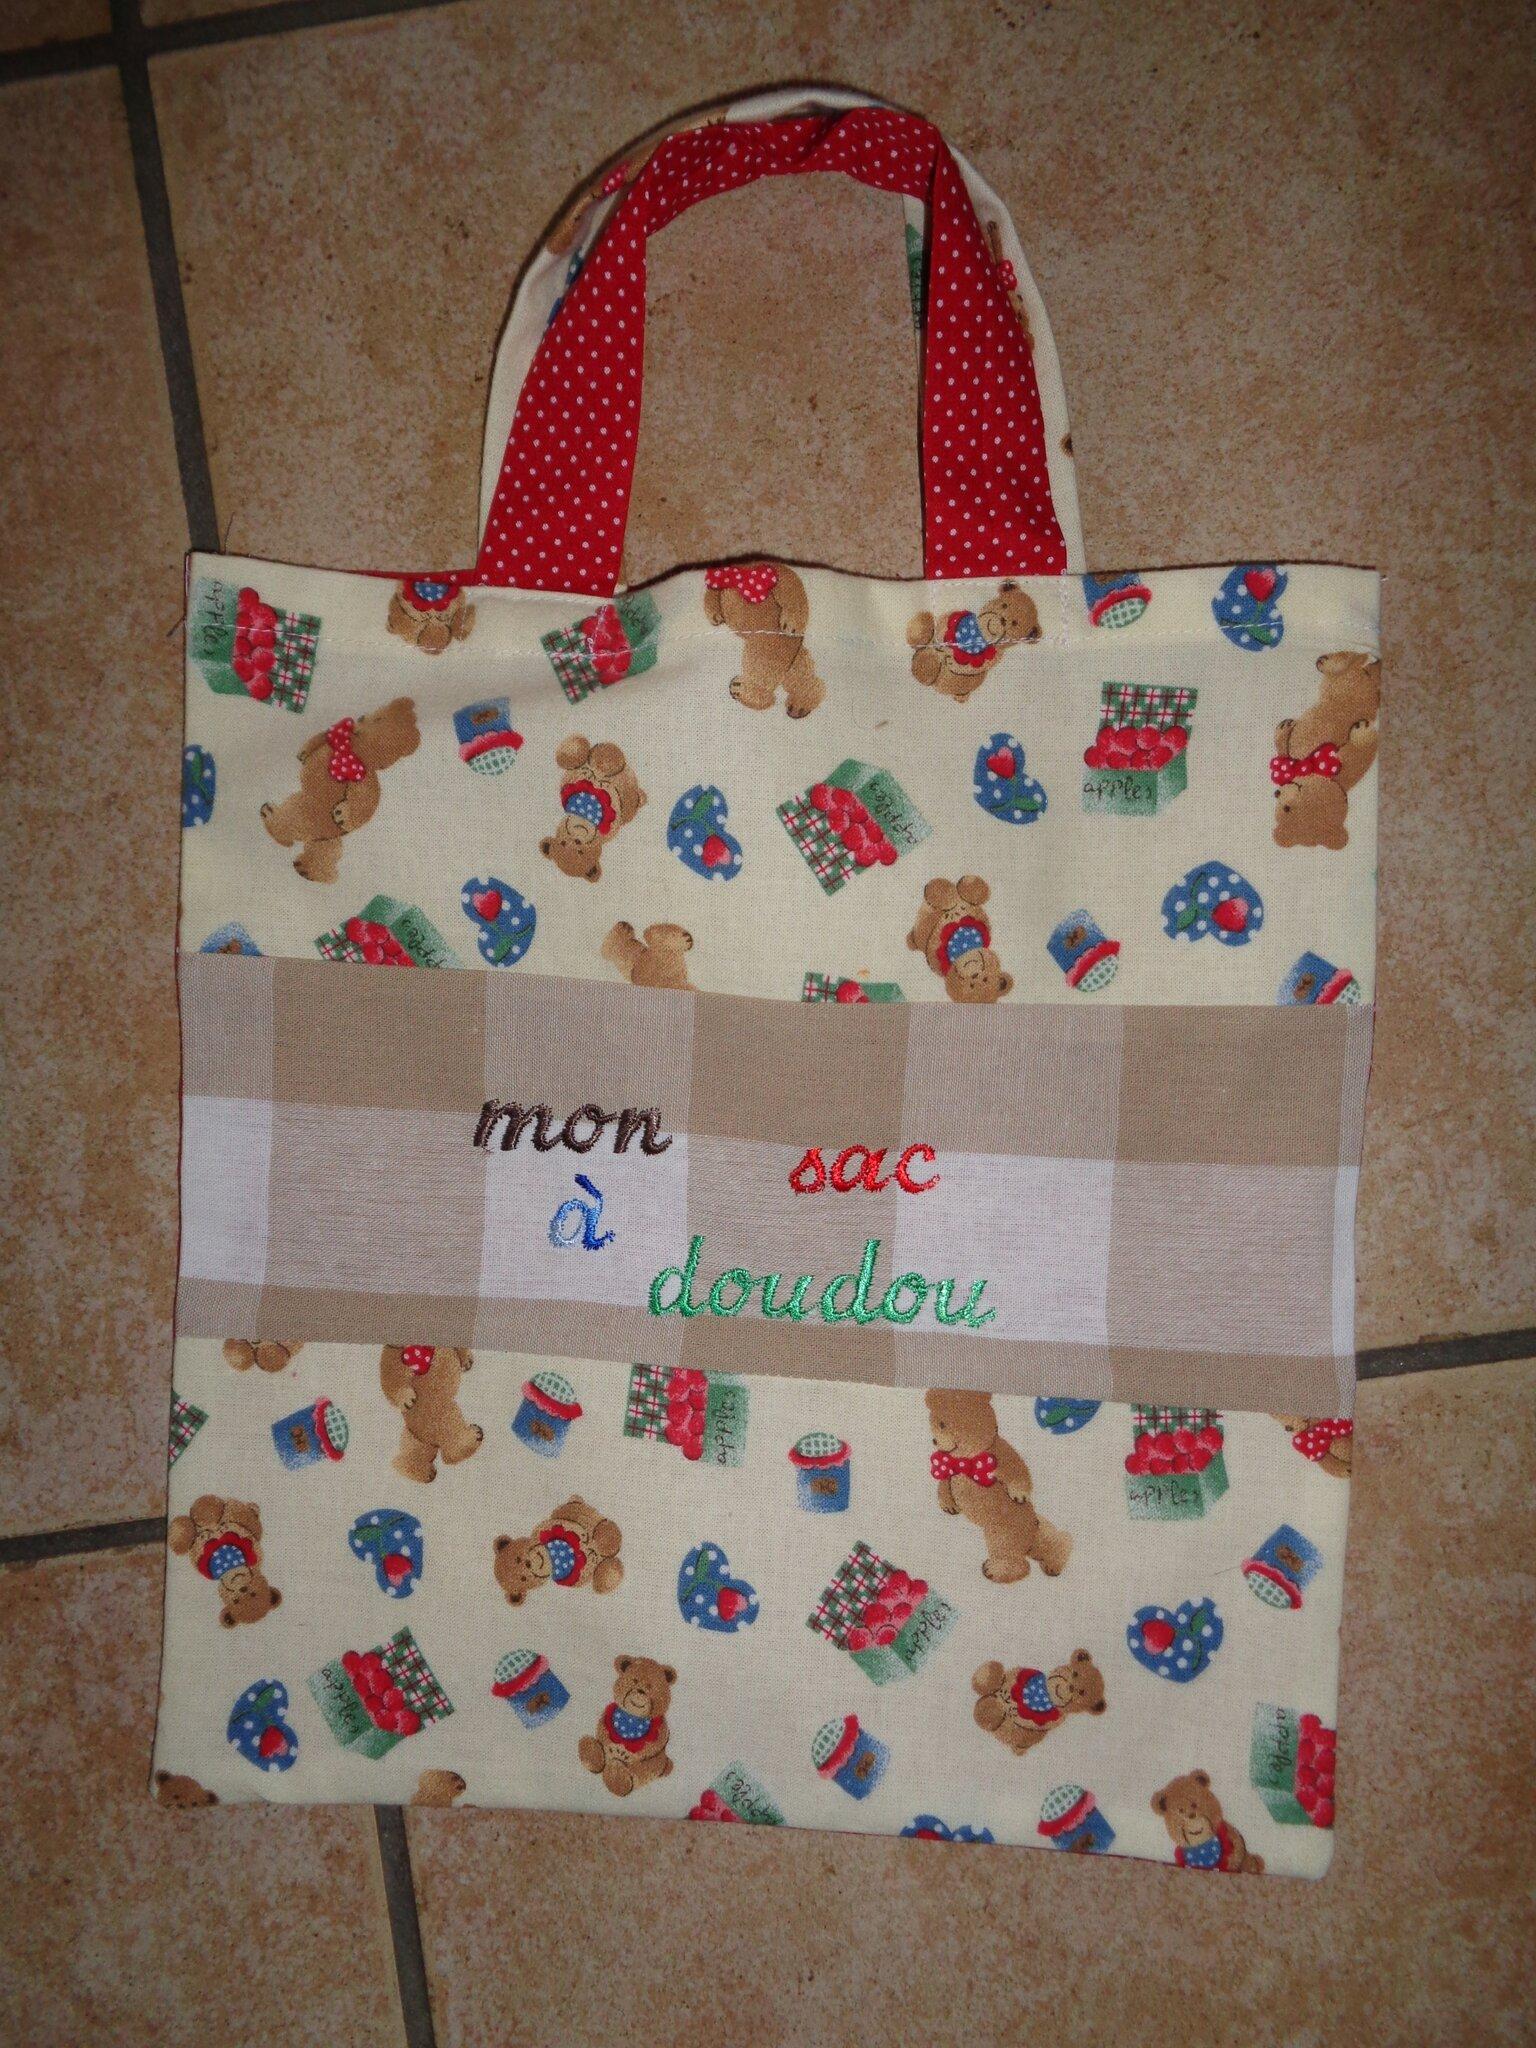 2) sac à doudou